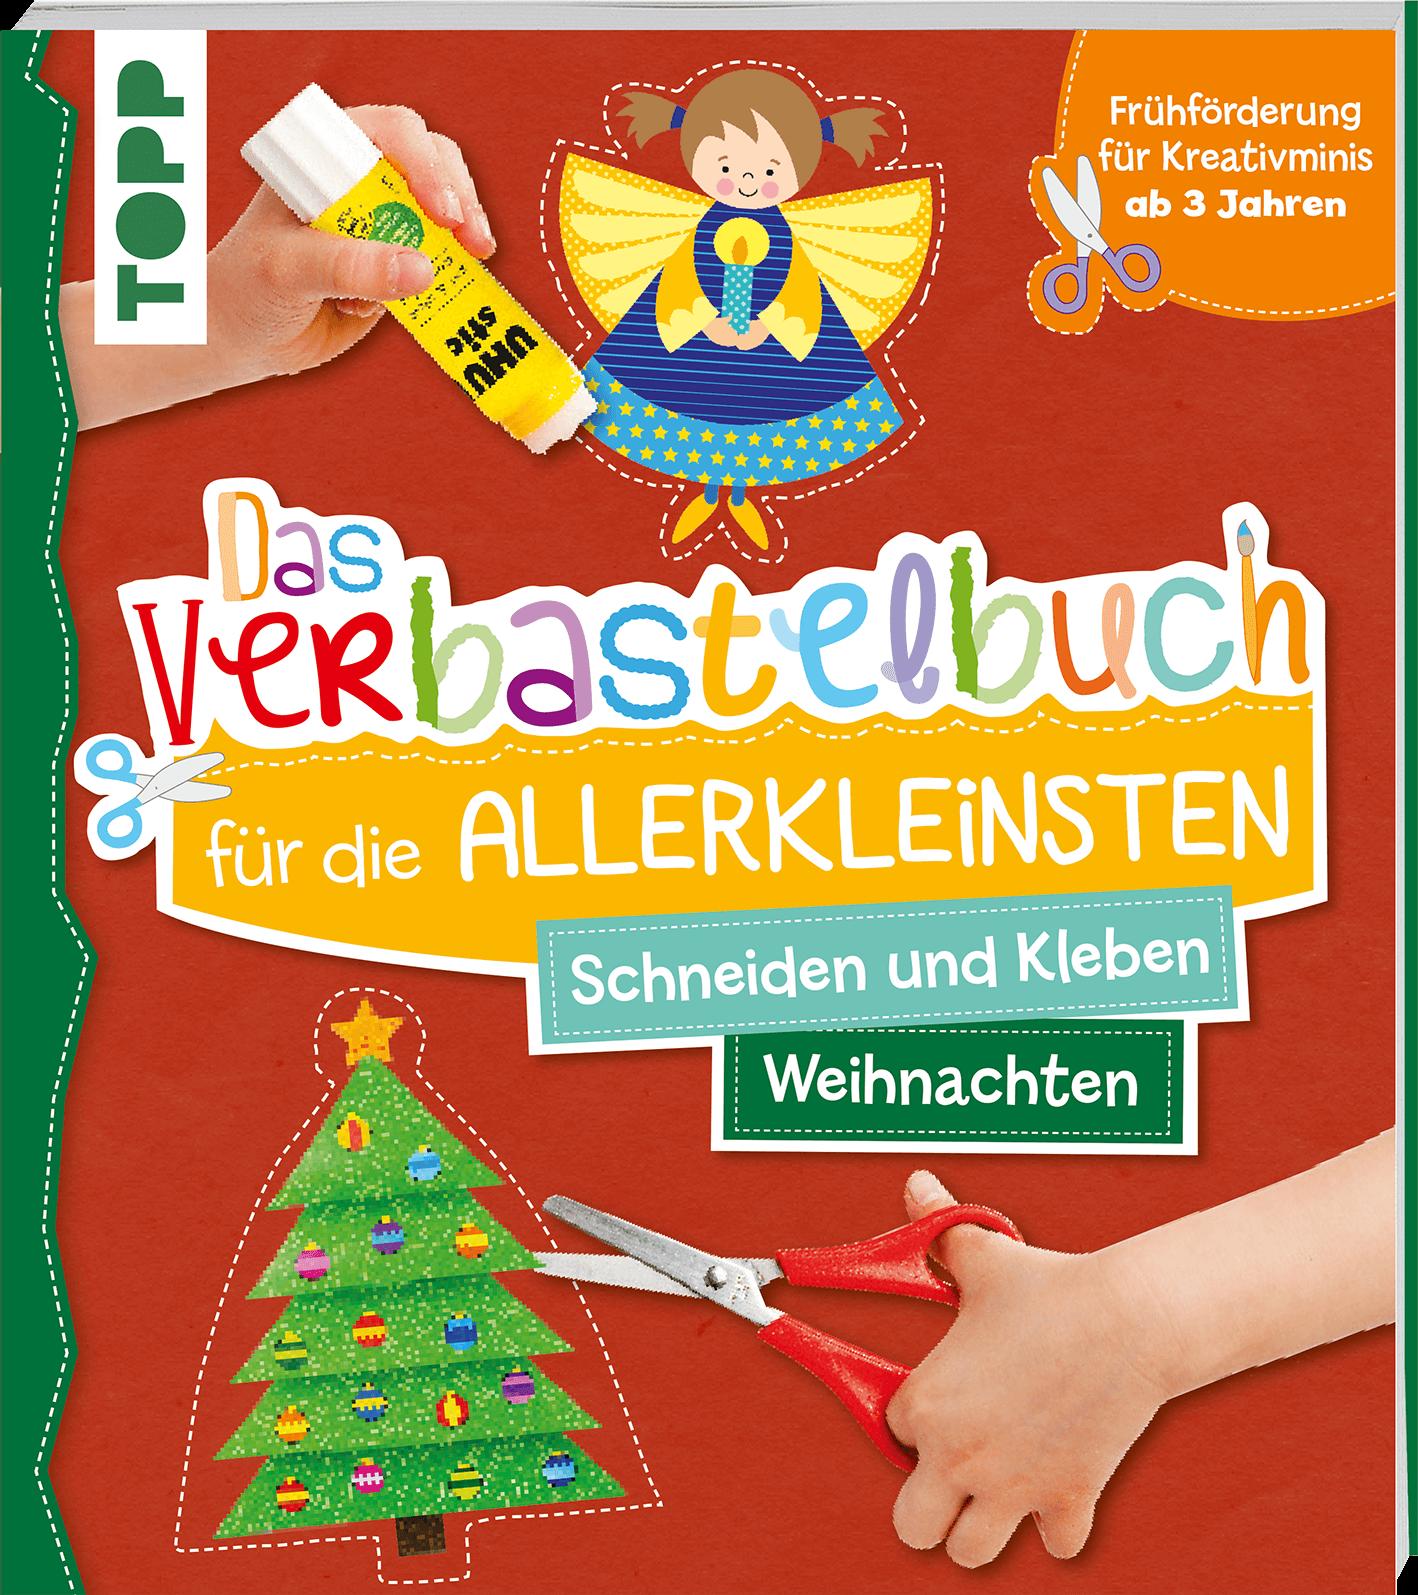 Das Verbastelbuch Schneiden Kleben Weihnachten Fur Kinder Ab 3